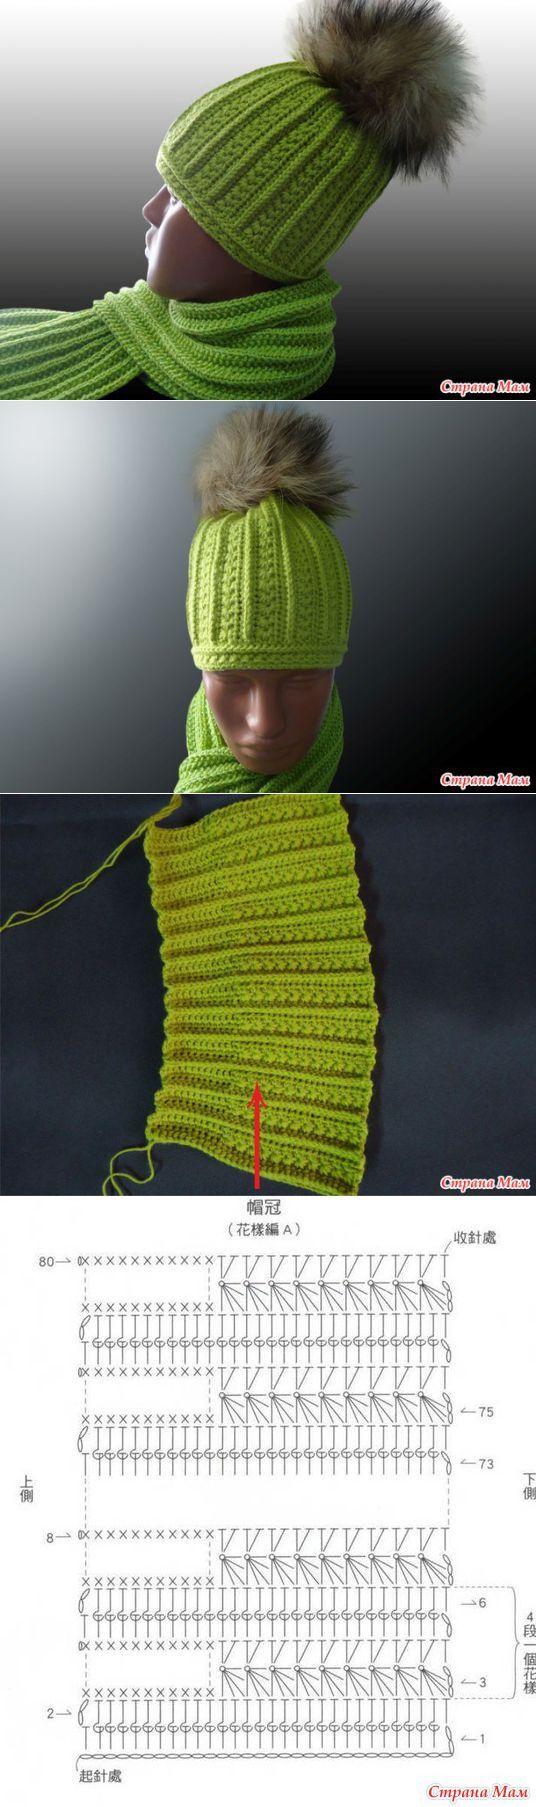 летние шапочки и повязки вязаные крючком схемы для малышей